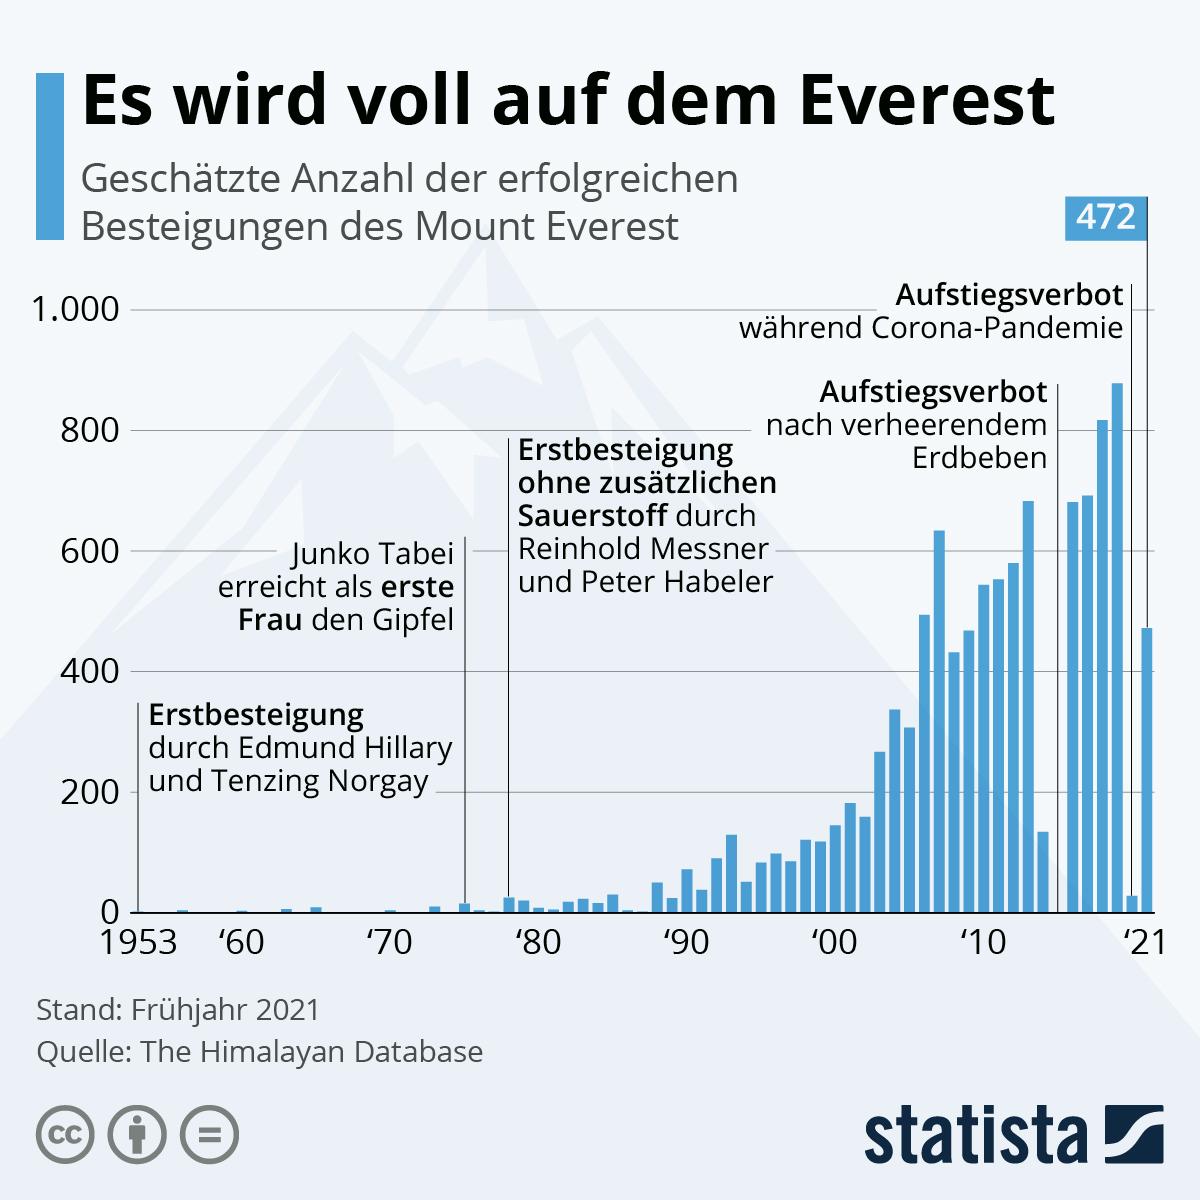 Infografik: Es wird voll auf dem Everest | Statista